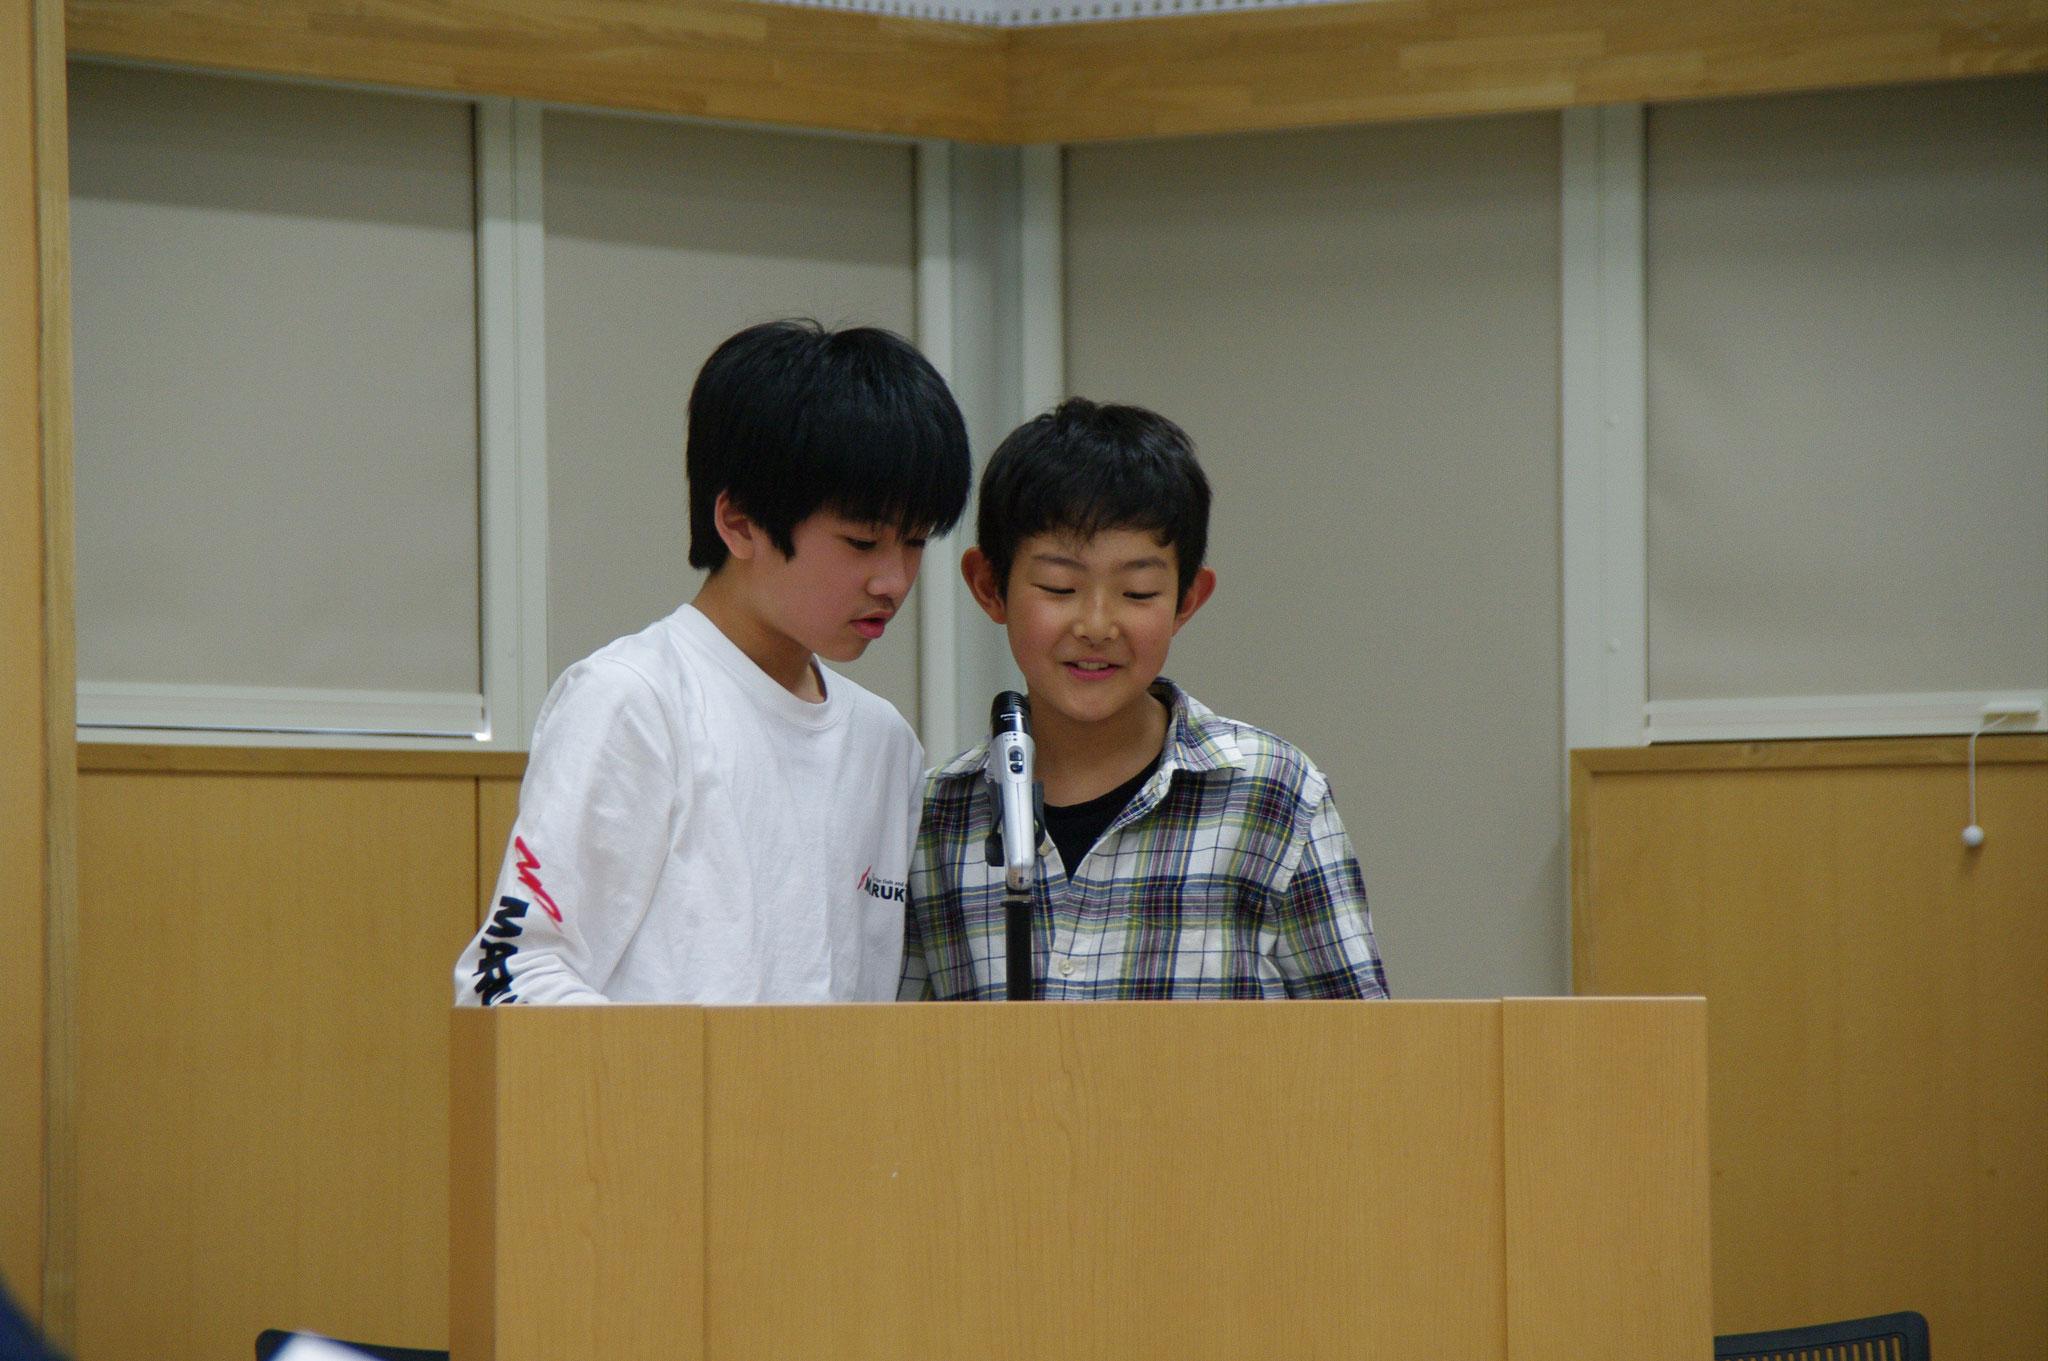 第二部司会:繁田龍斉君&高橋大貴君